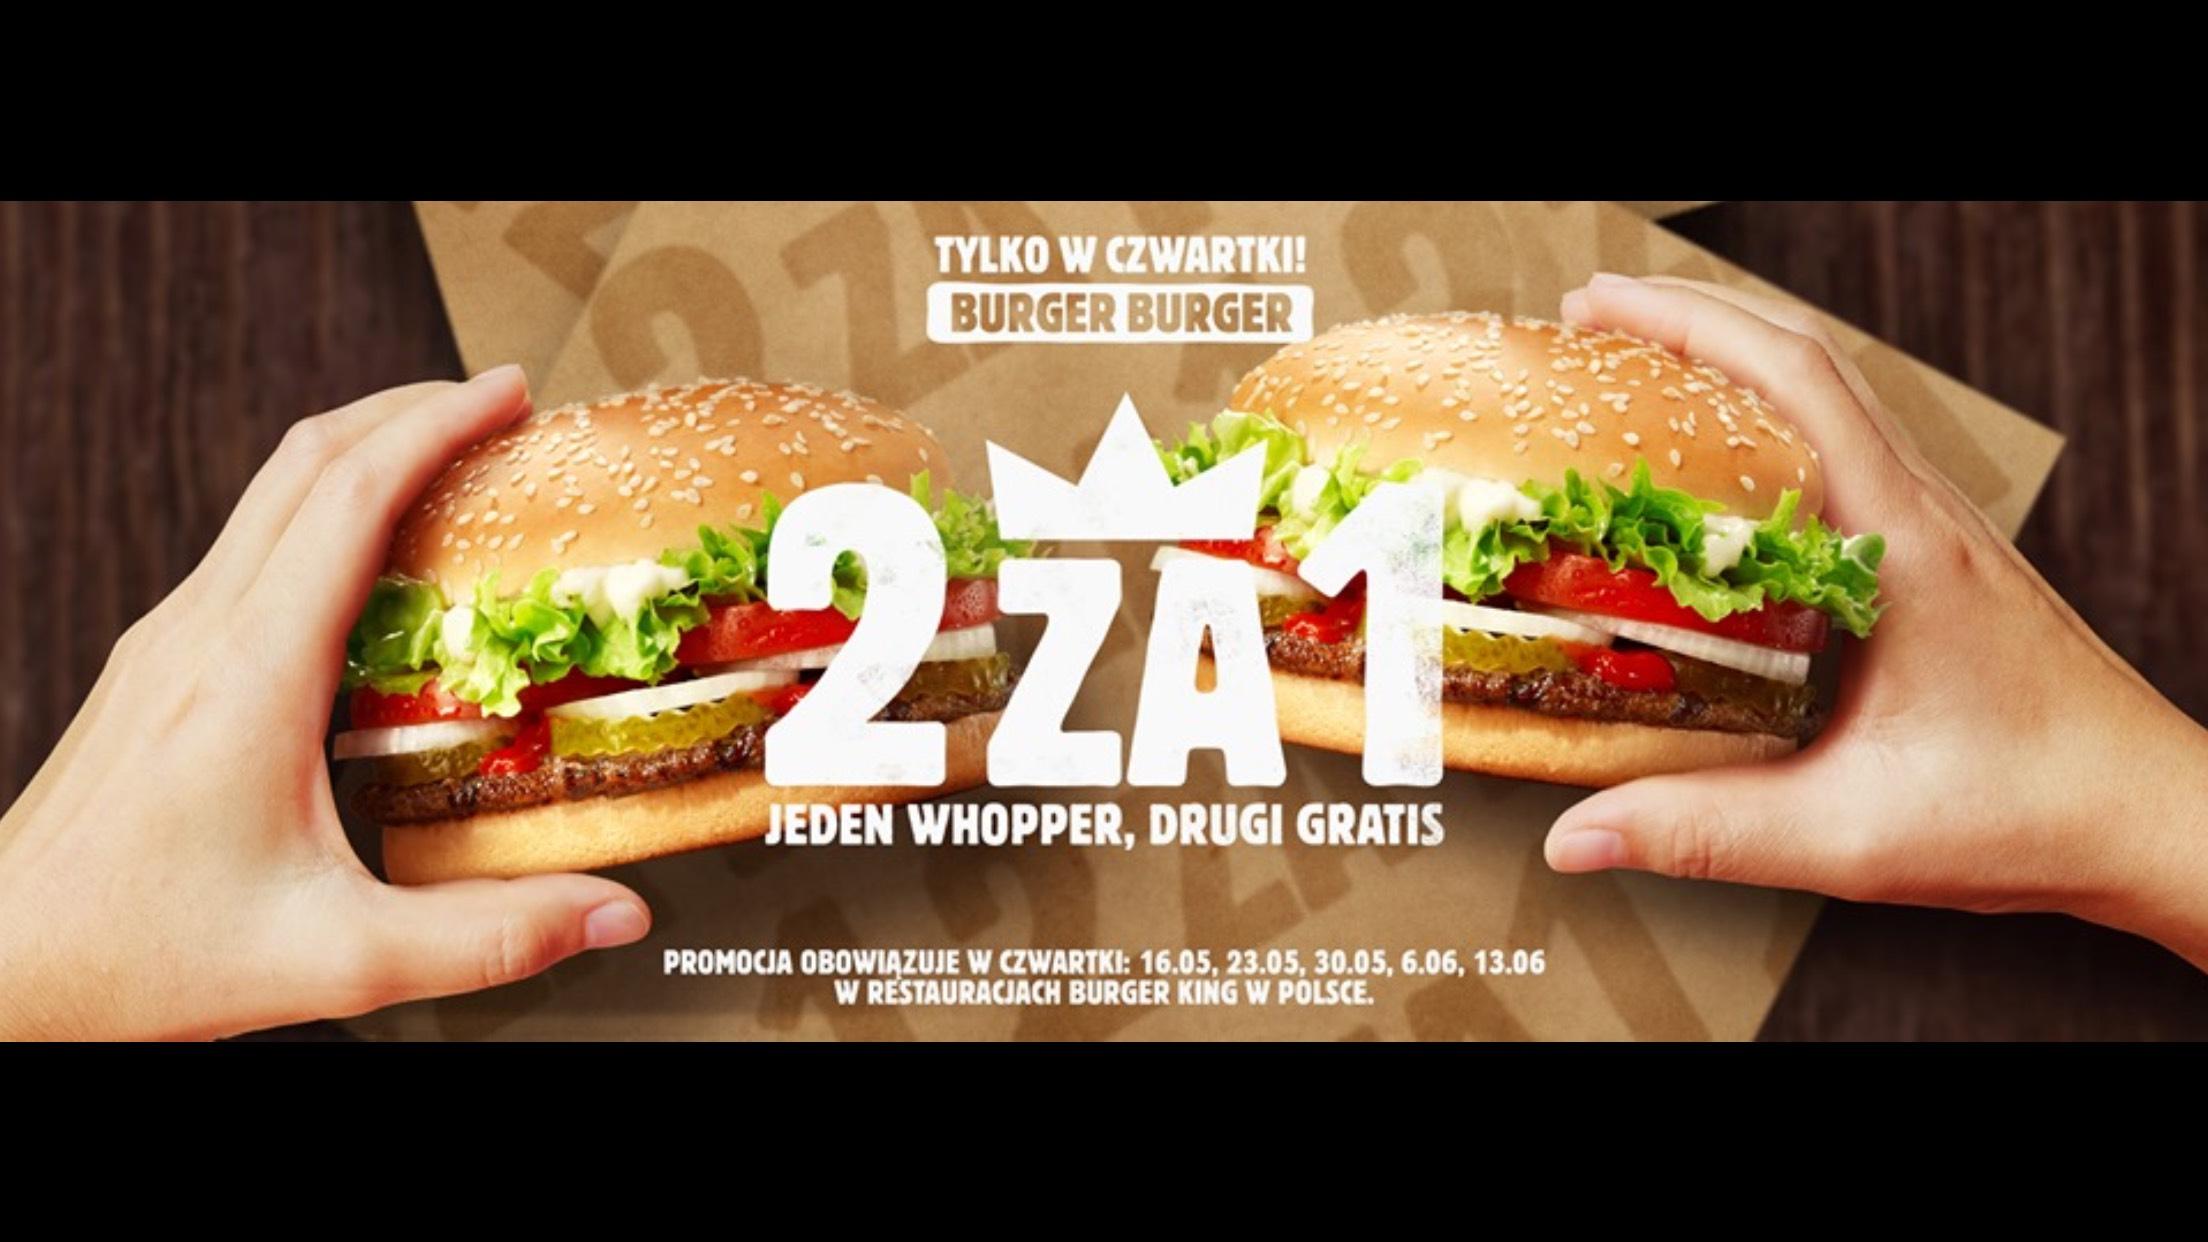 Drugi Whopper za darmo w czwartki Burger King DZIAŁA PIZZAPORTAL